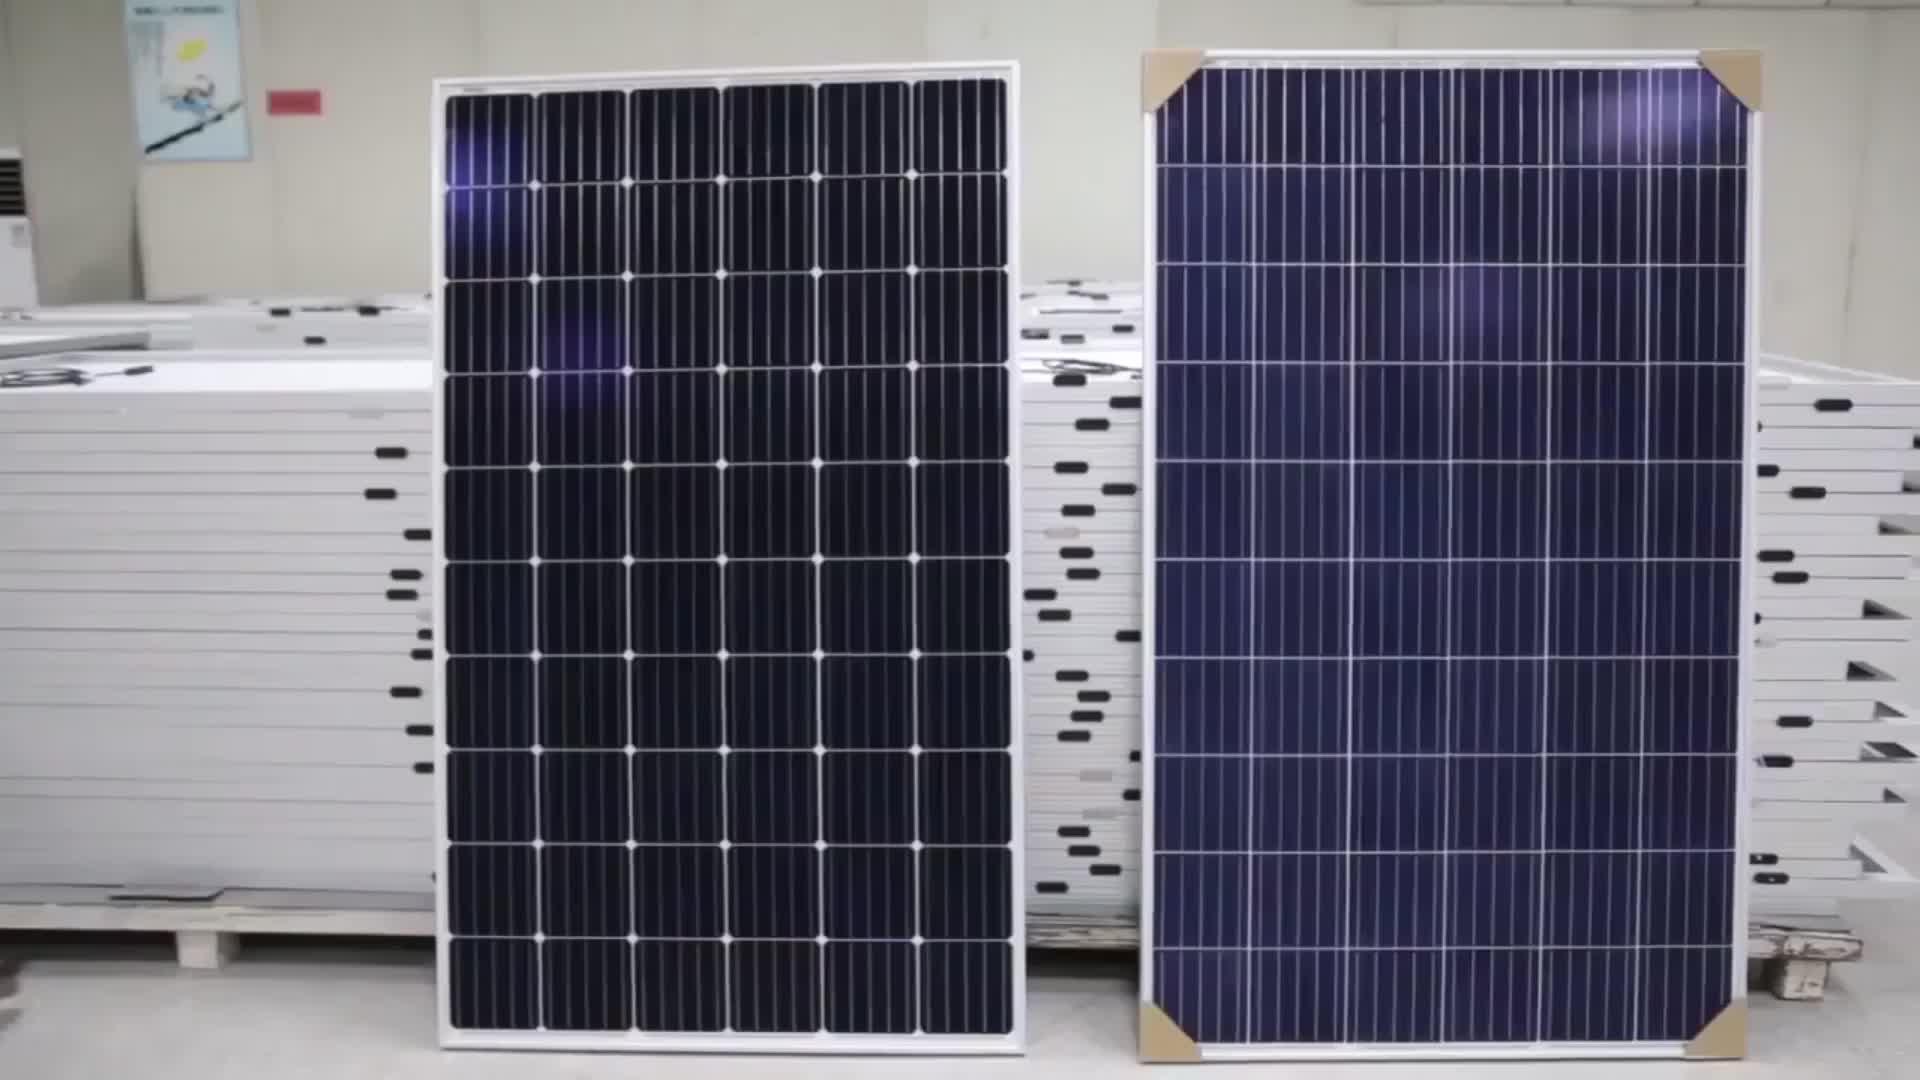 solar panel 330w poly 310w 320w 330w solar panels 340 watt polycrytalline 340w 345w 350w solar panel